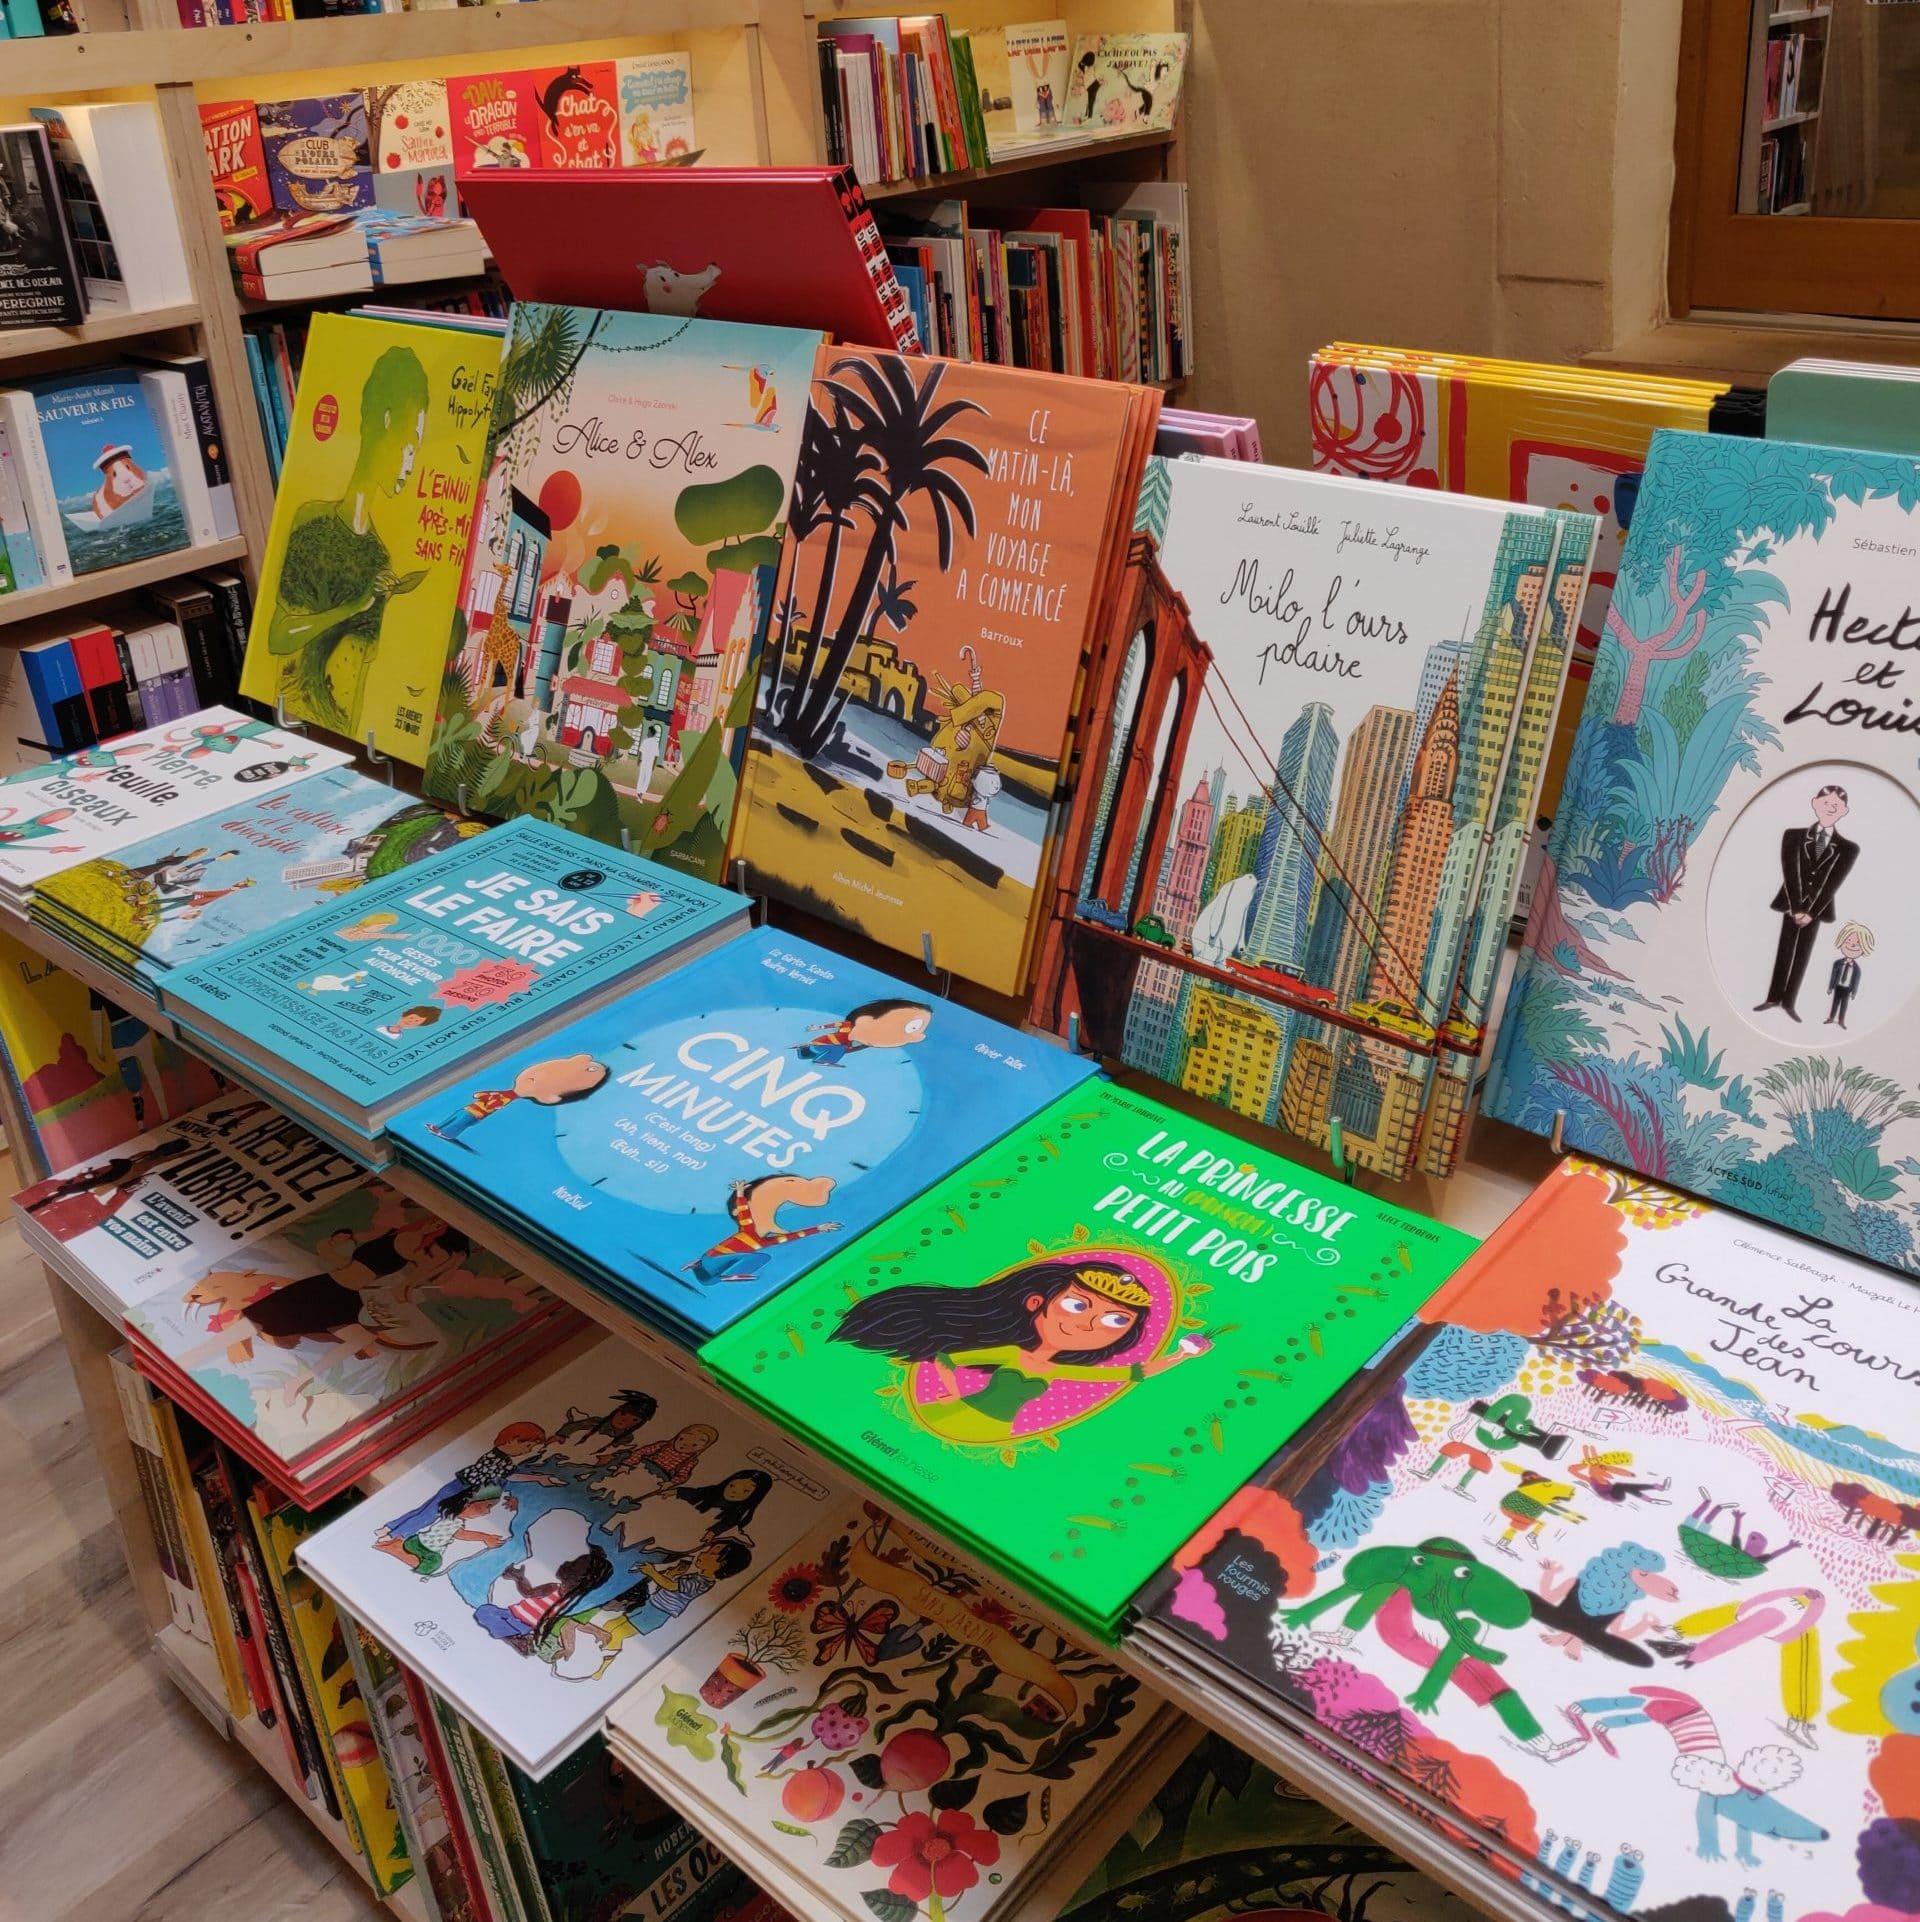 Librairie de livres pour enfants